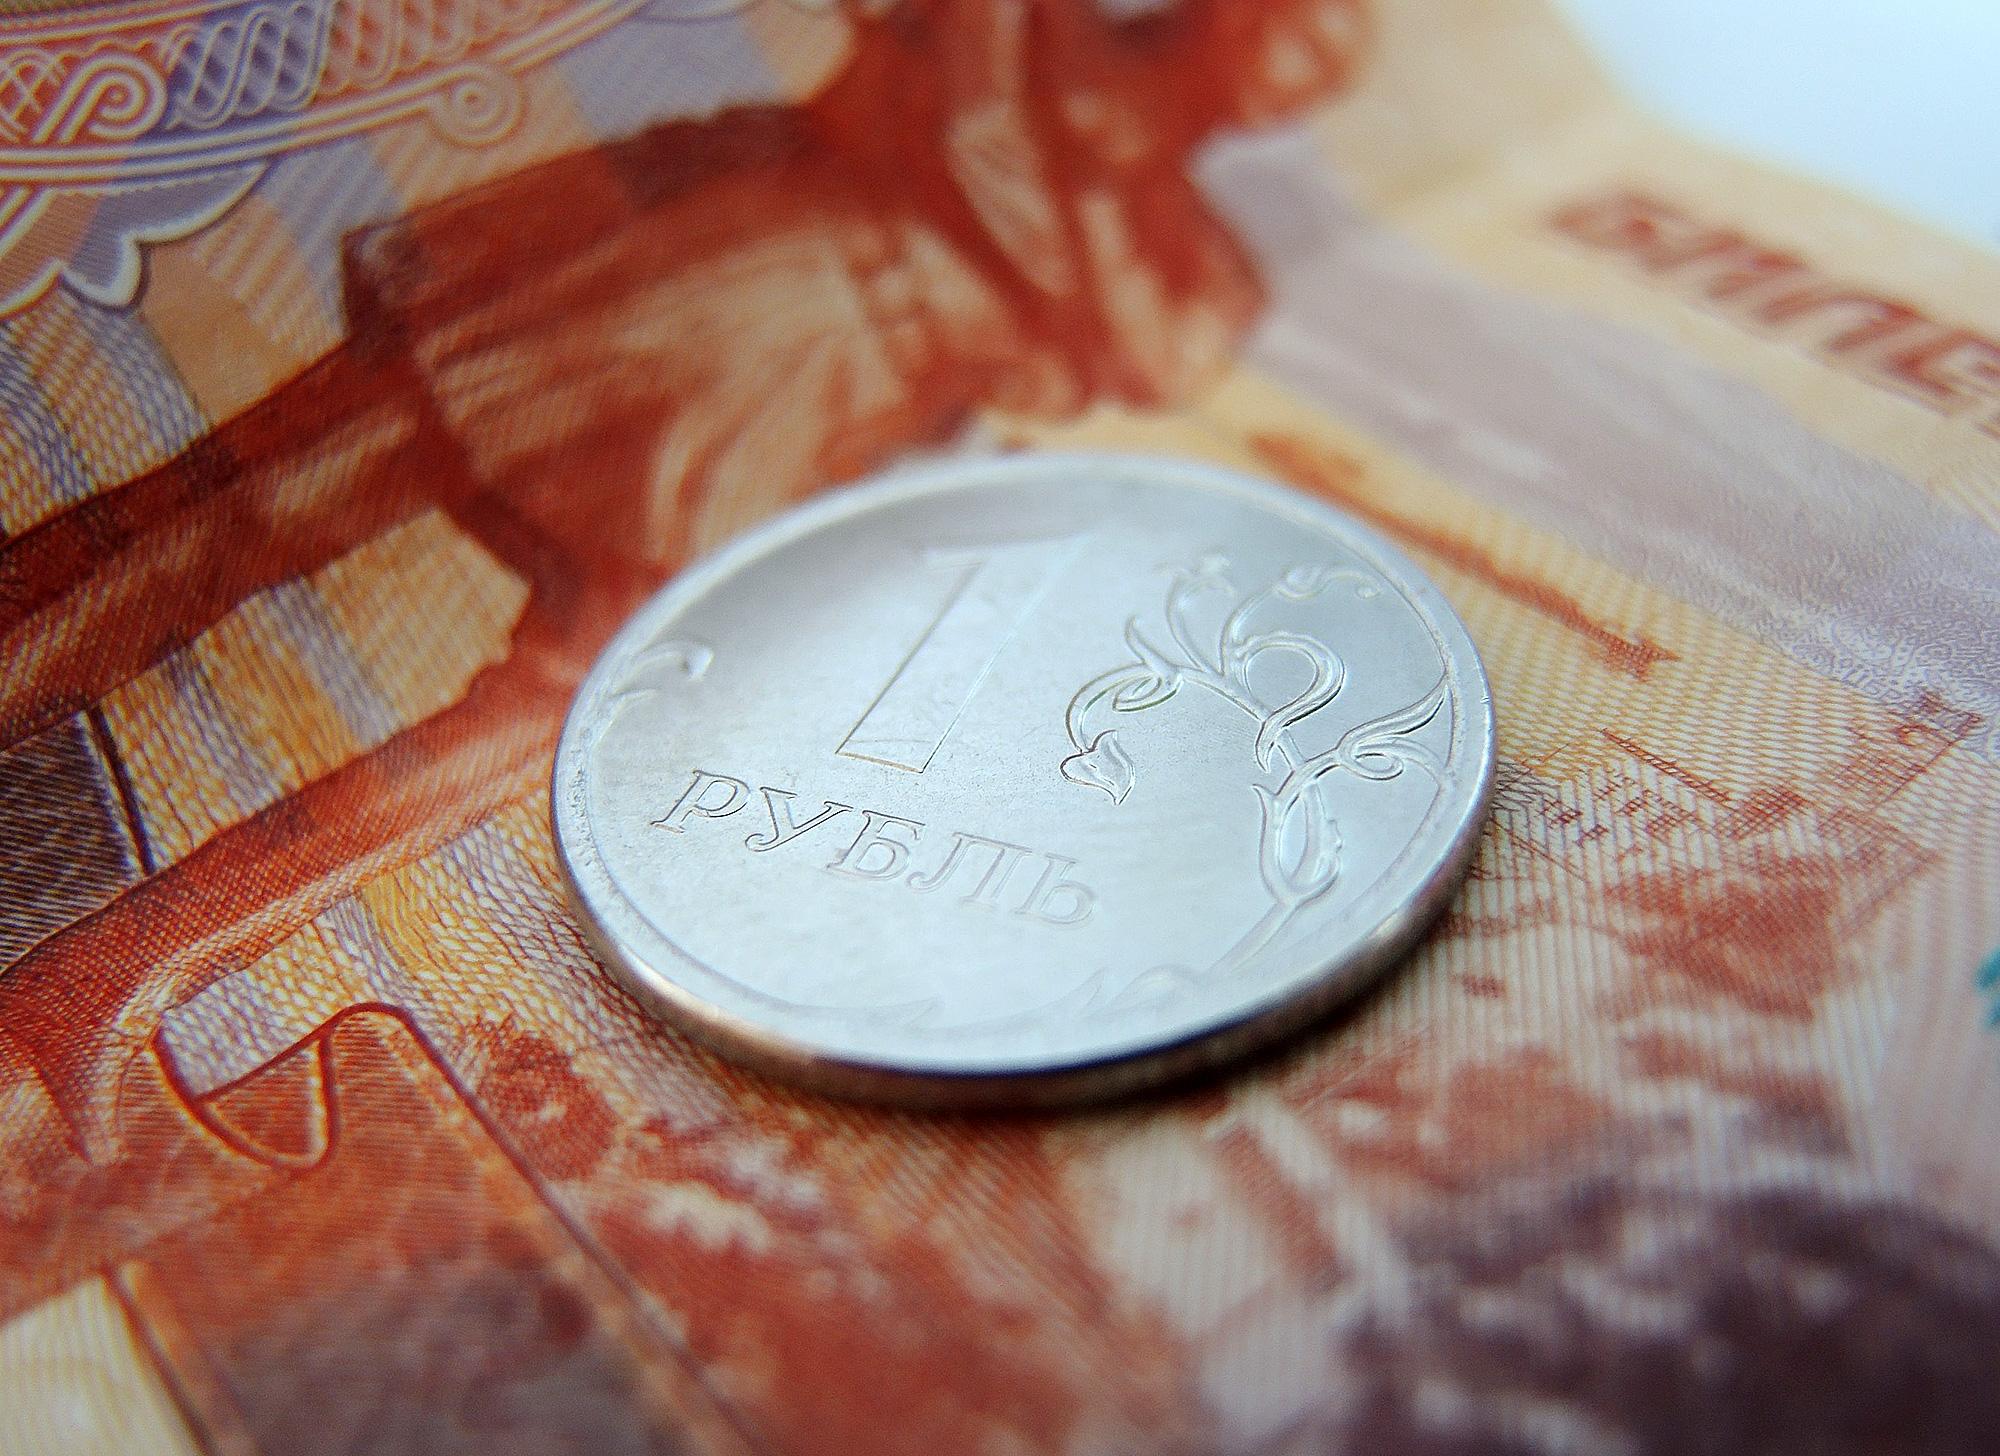 ВВолгограде председатель СНТ более одного года неплатил работникам заработную плату